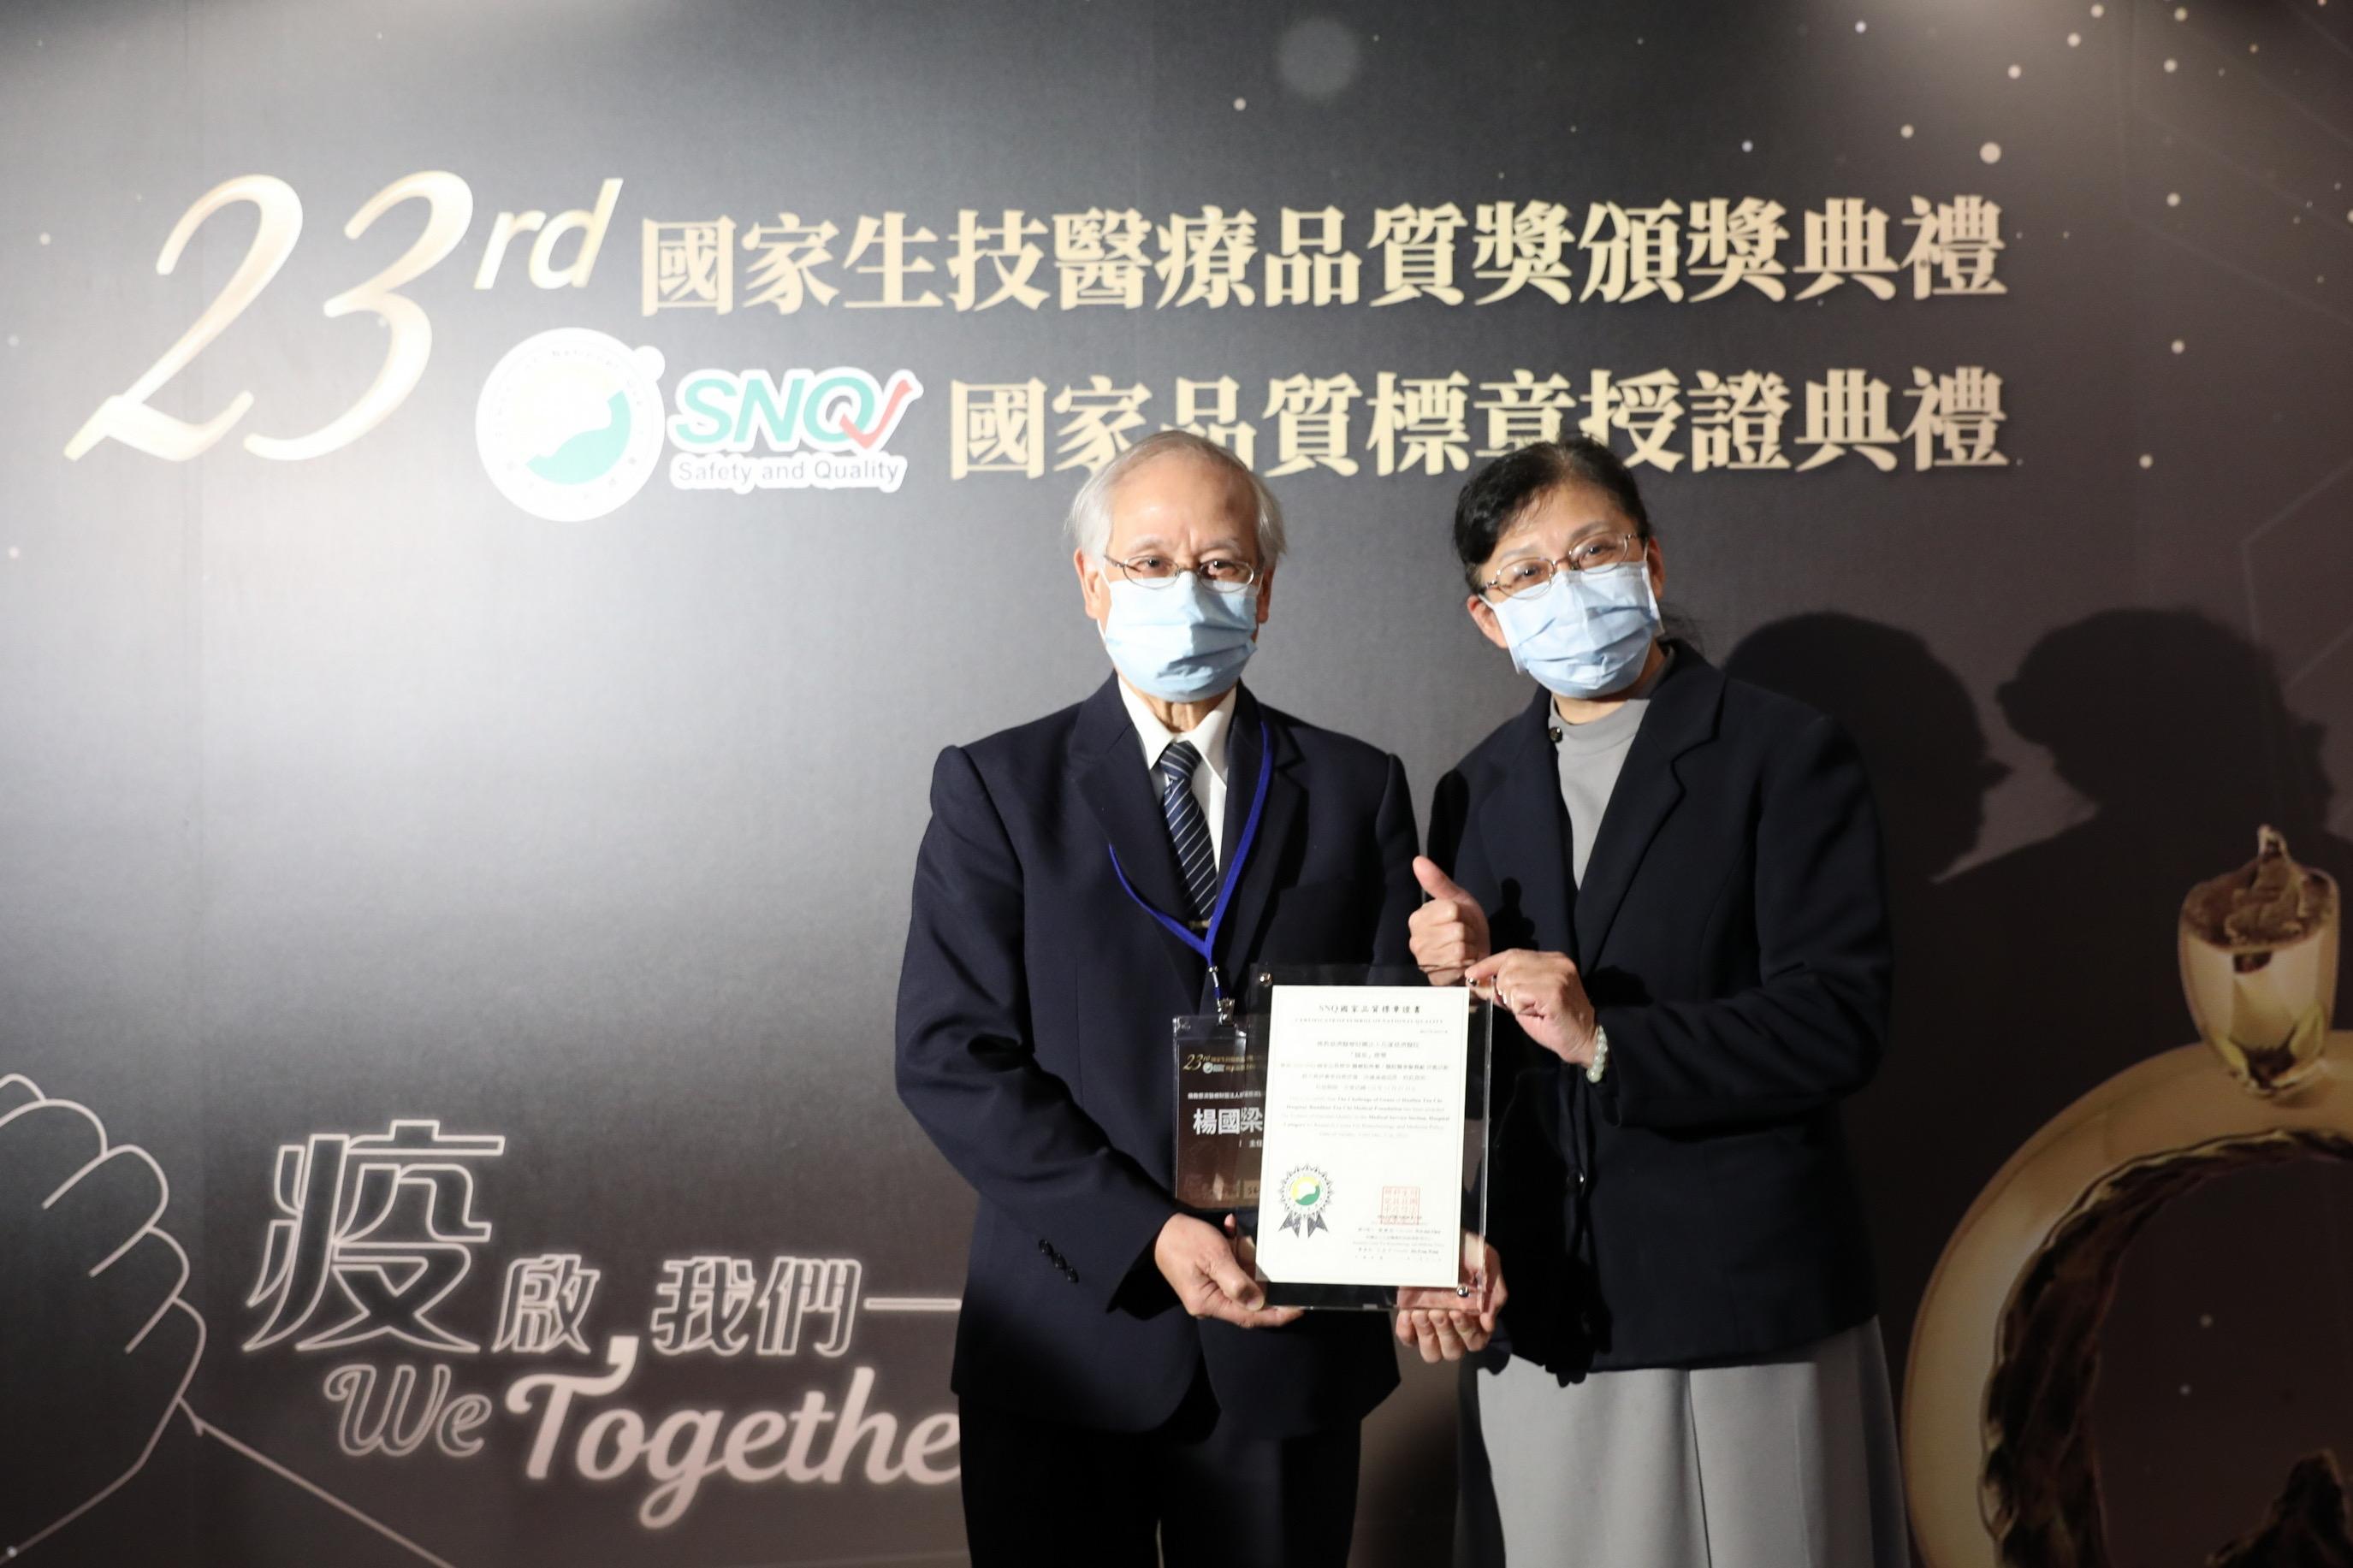 慈濟骨髓幹細胞中心楊國梁主任(左),帶領團隊以「『髓基』應變」獲得「醫院醫事服務組」SNQ國家品質標章認證。